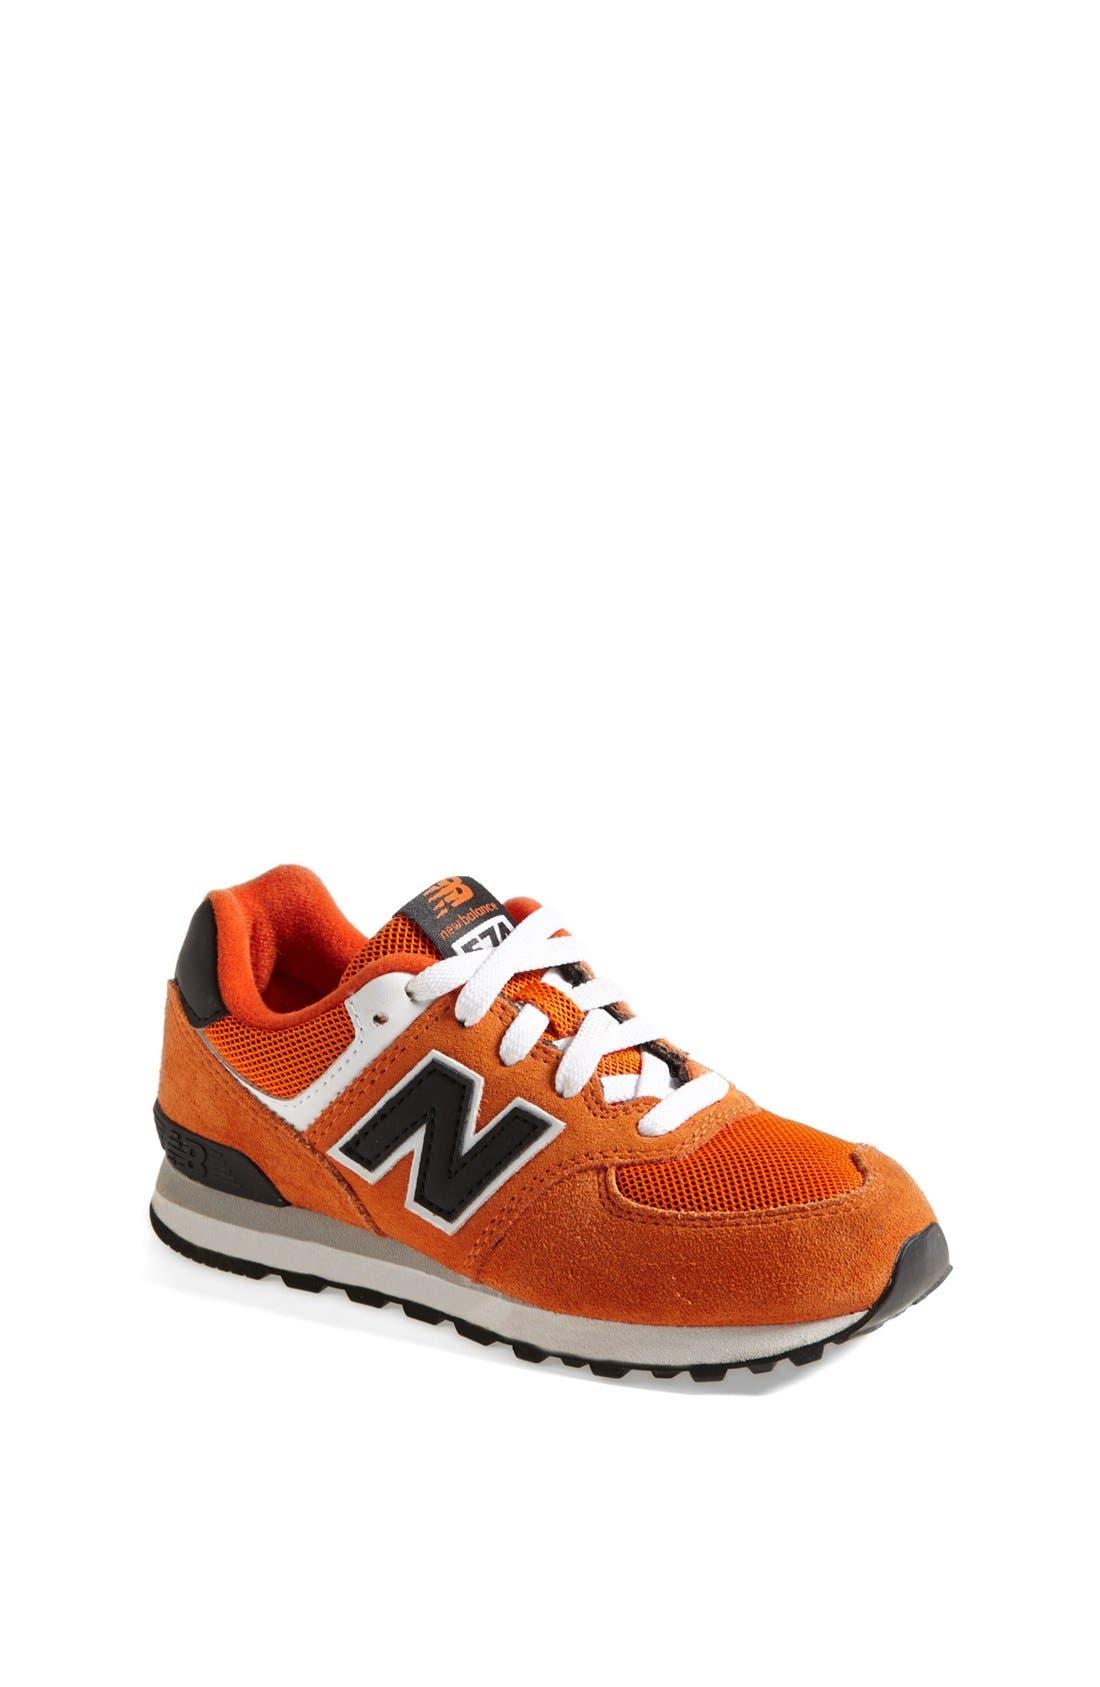 Alternate Image 1 Selected - New Balance '574 Varsity' Sneaker (Walker)